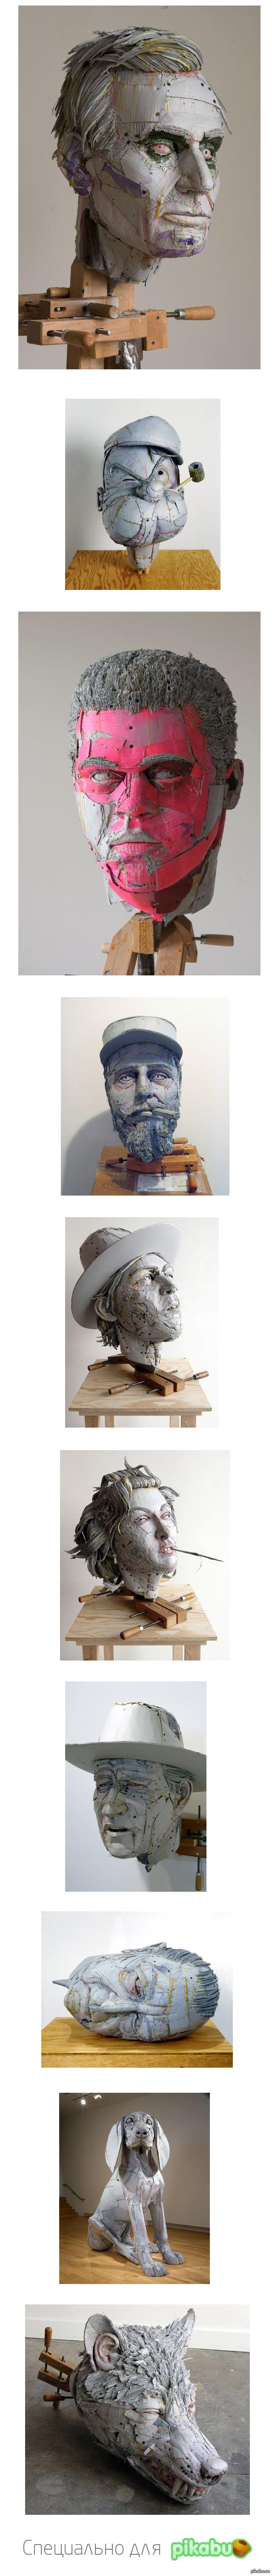 Креативные скульптуры из картона (длиннопост) Американский художник делает скульптуры из картона, так как этот материал очень прост в использовании и из него могут получаться оригинальные вещи.